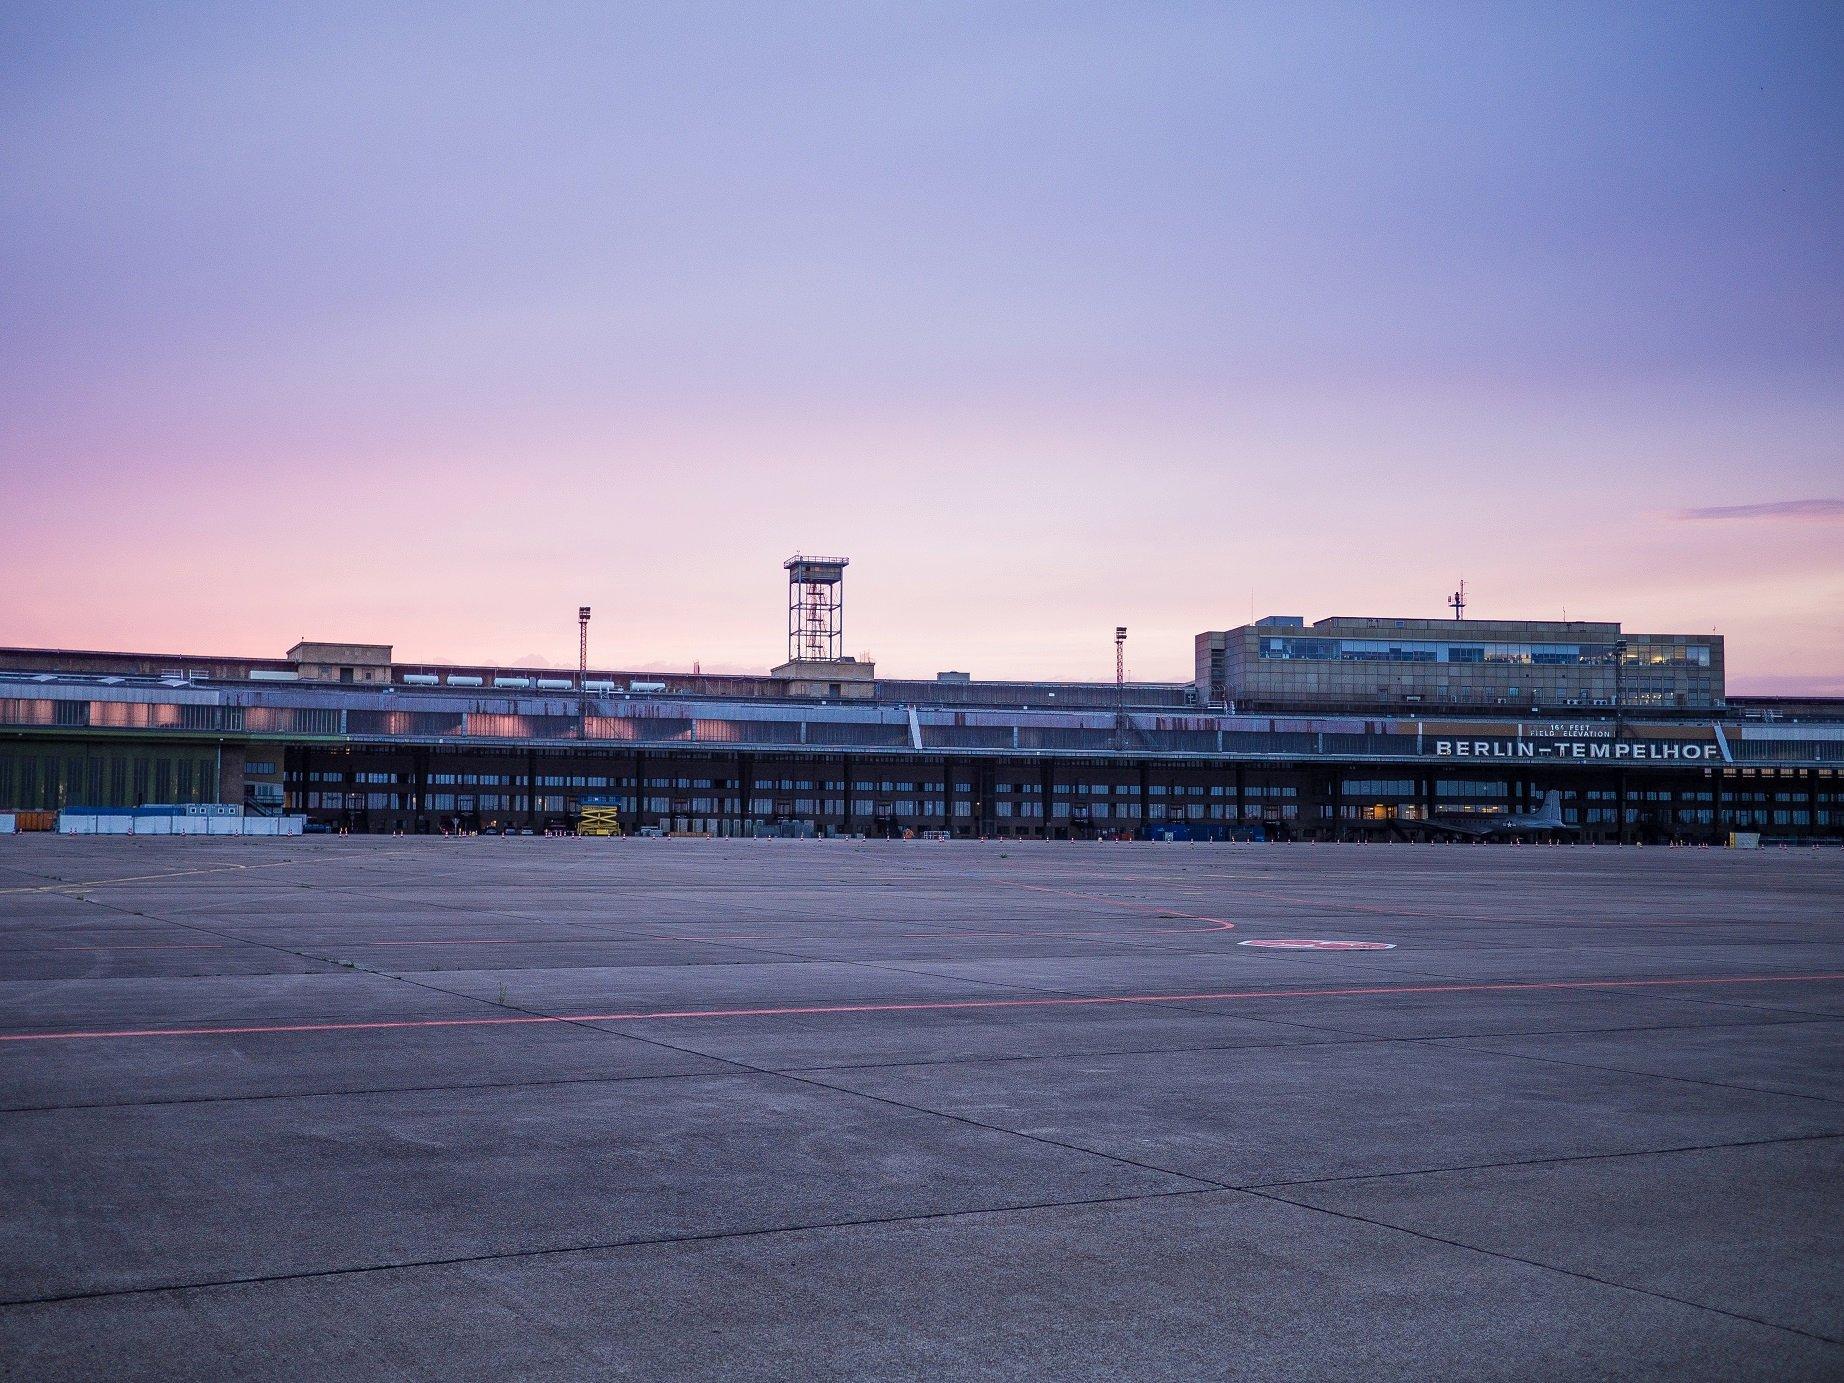 Tempelhofer Feld, Lieblingsort für Outdoor Aktivitäten